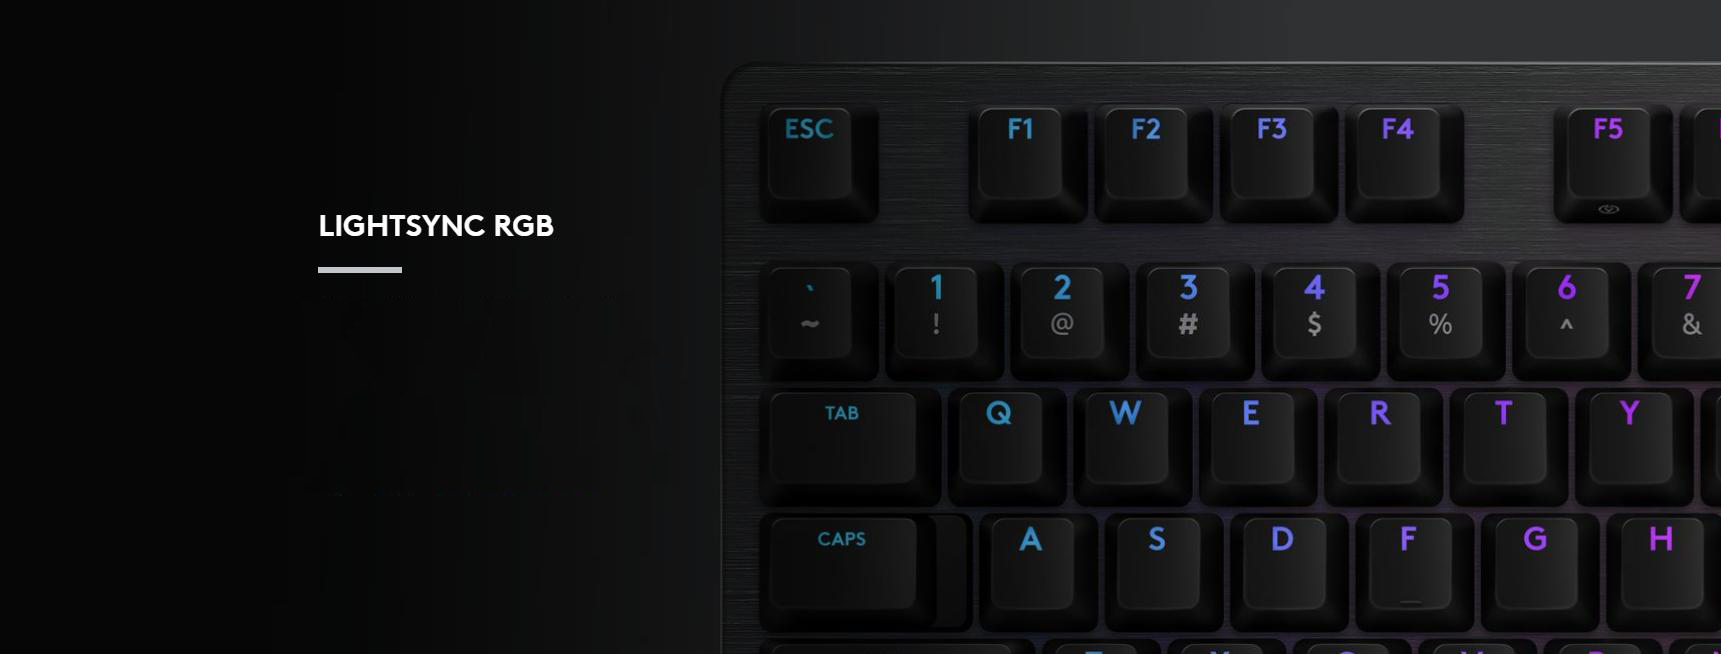 Bàn phím cơ Logitech G512 Lightsync RGB GX Blue Clicky switch tích hợp led RGB cao cấp